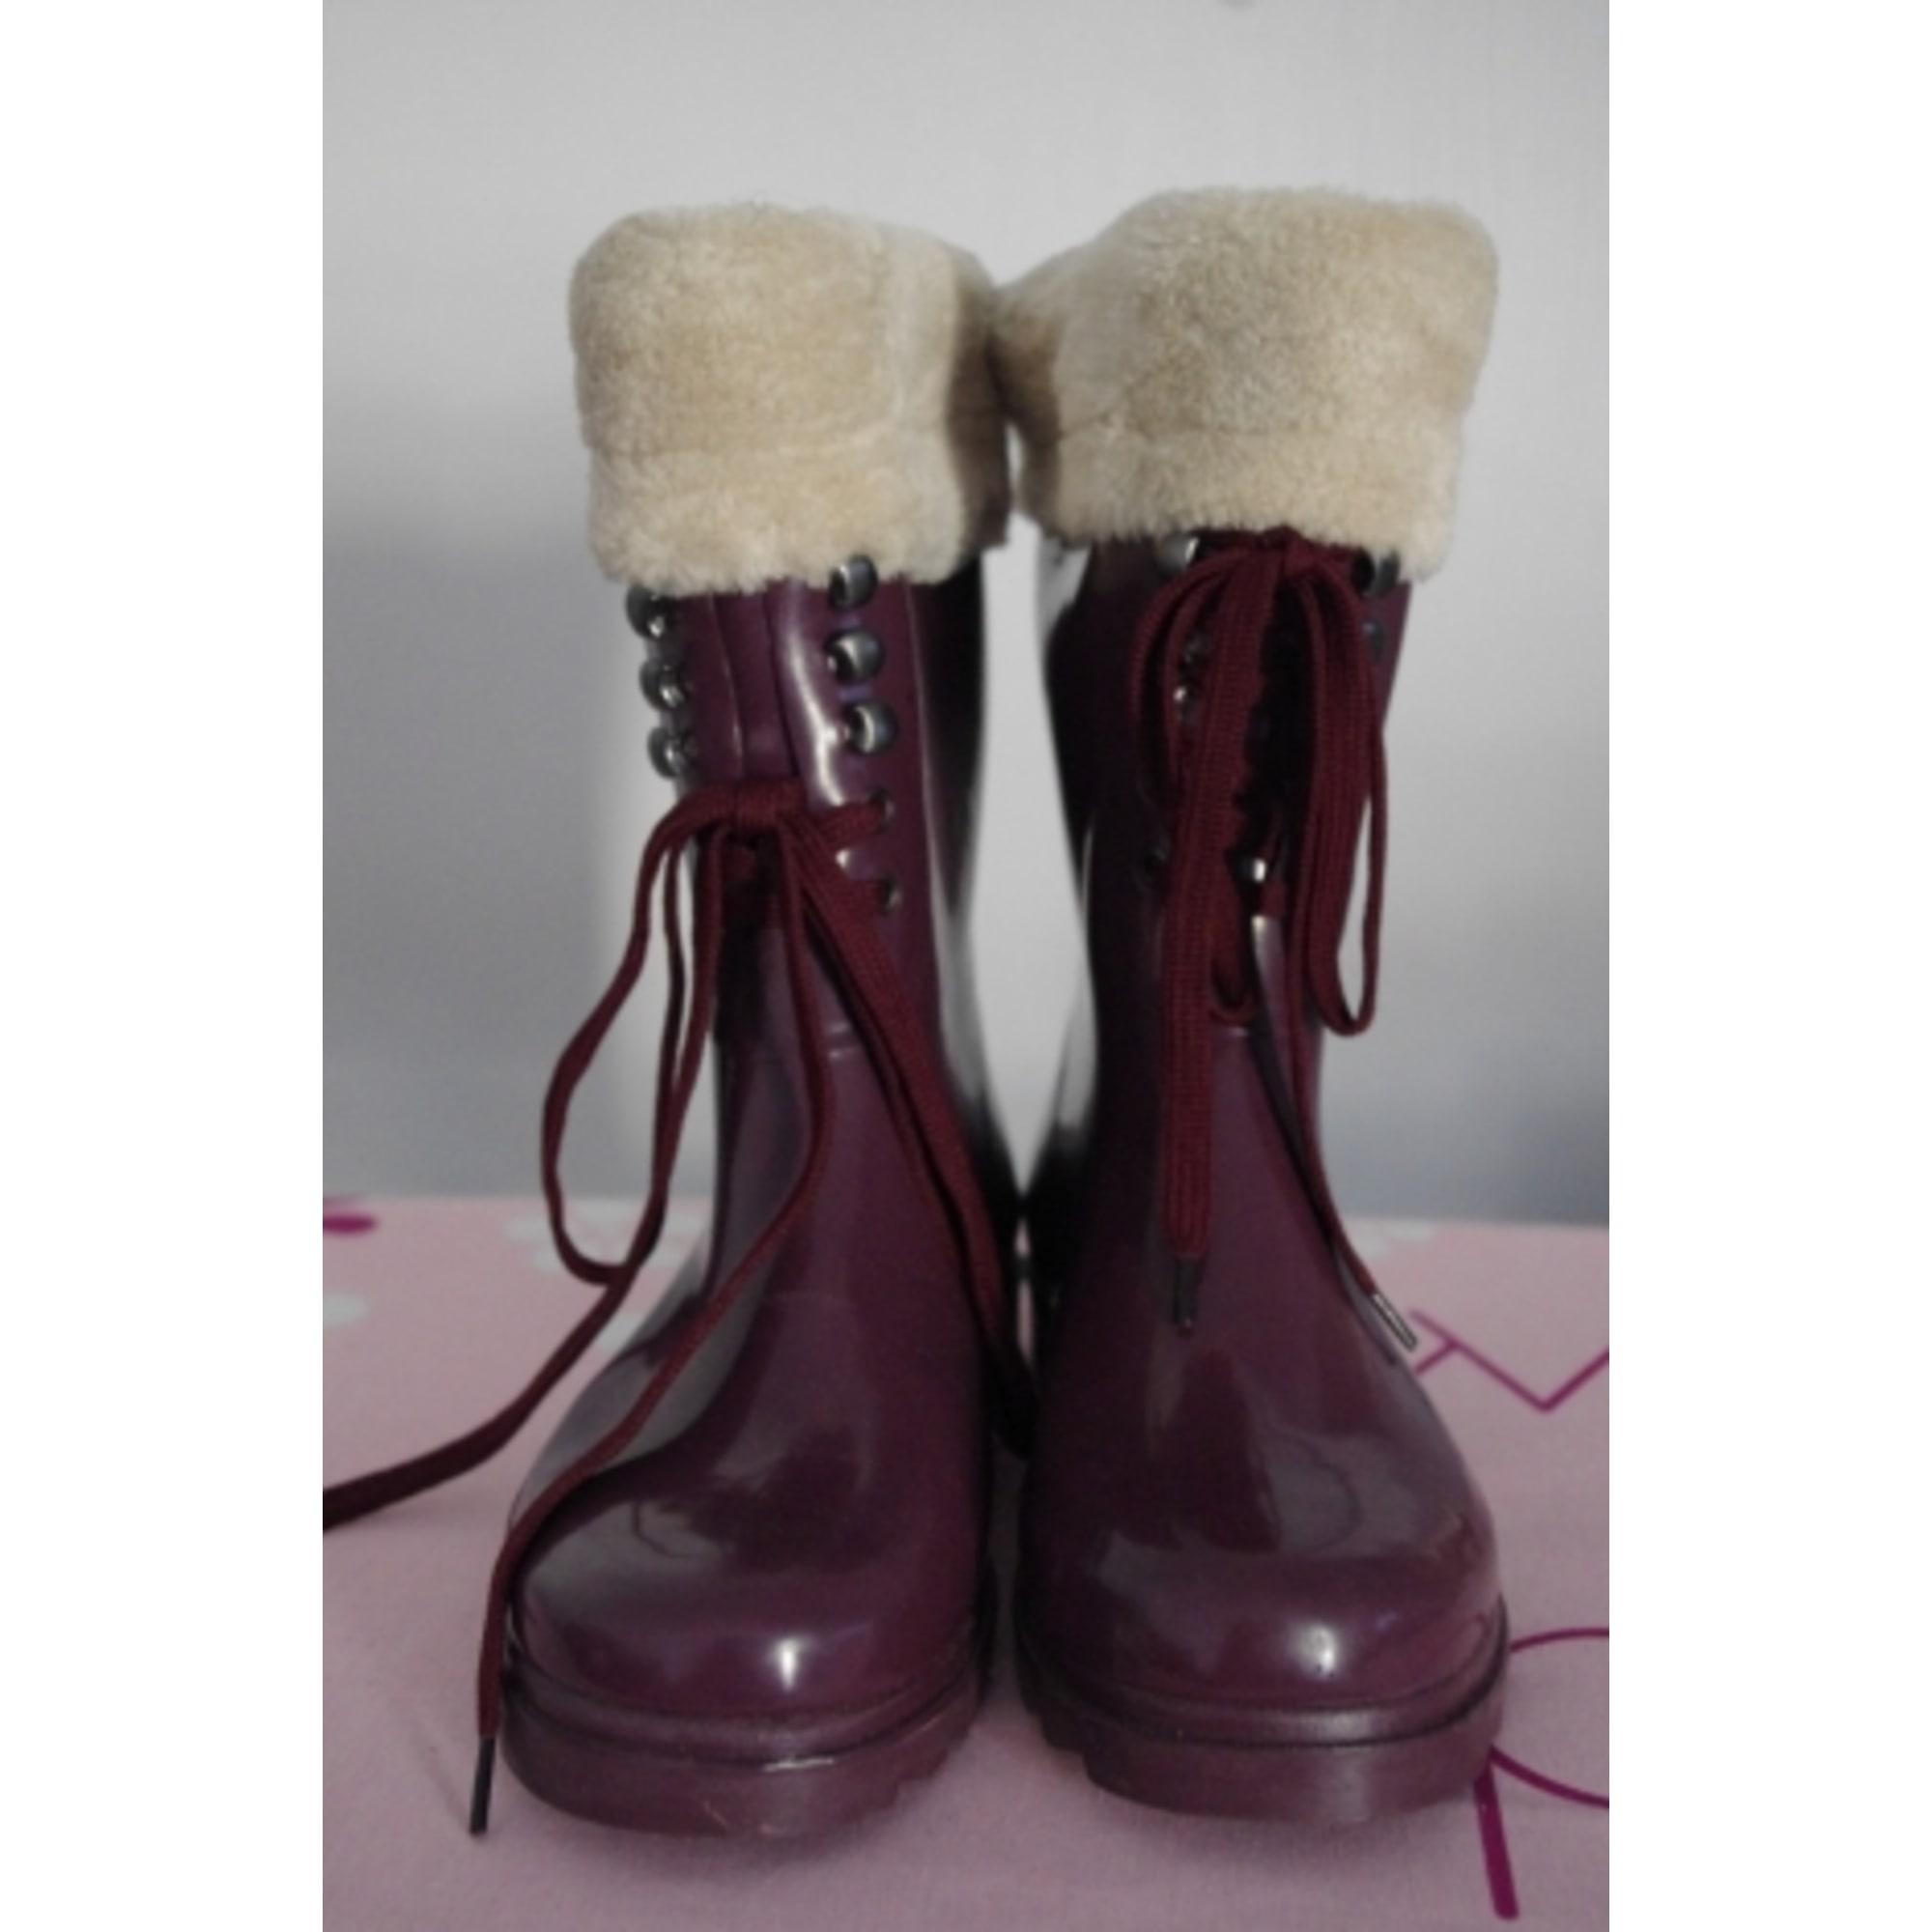 Bottes de pluie ALDO 39 violet vendu par Ernestina 3649803